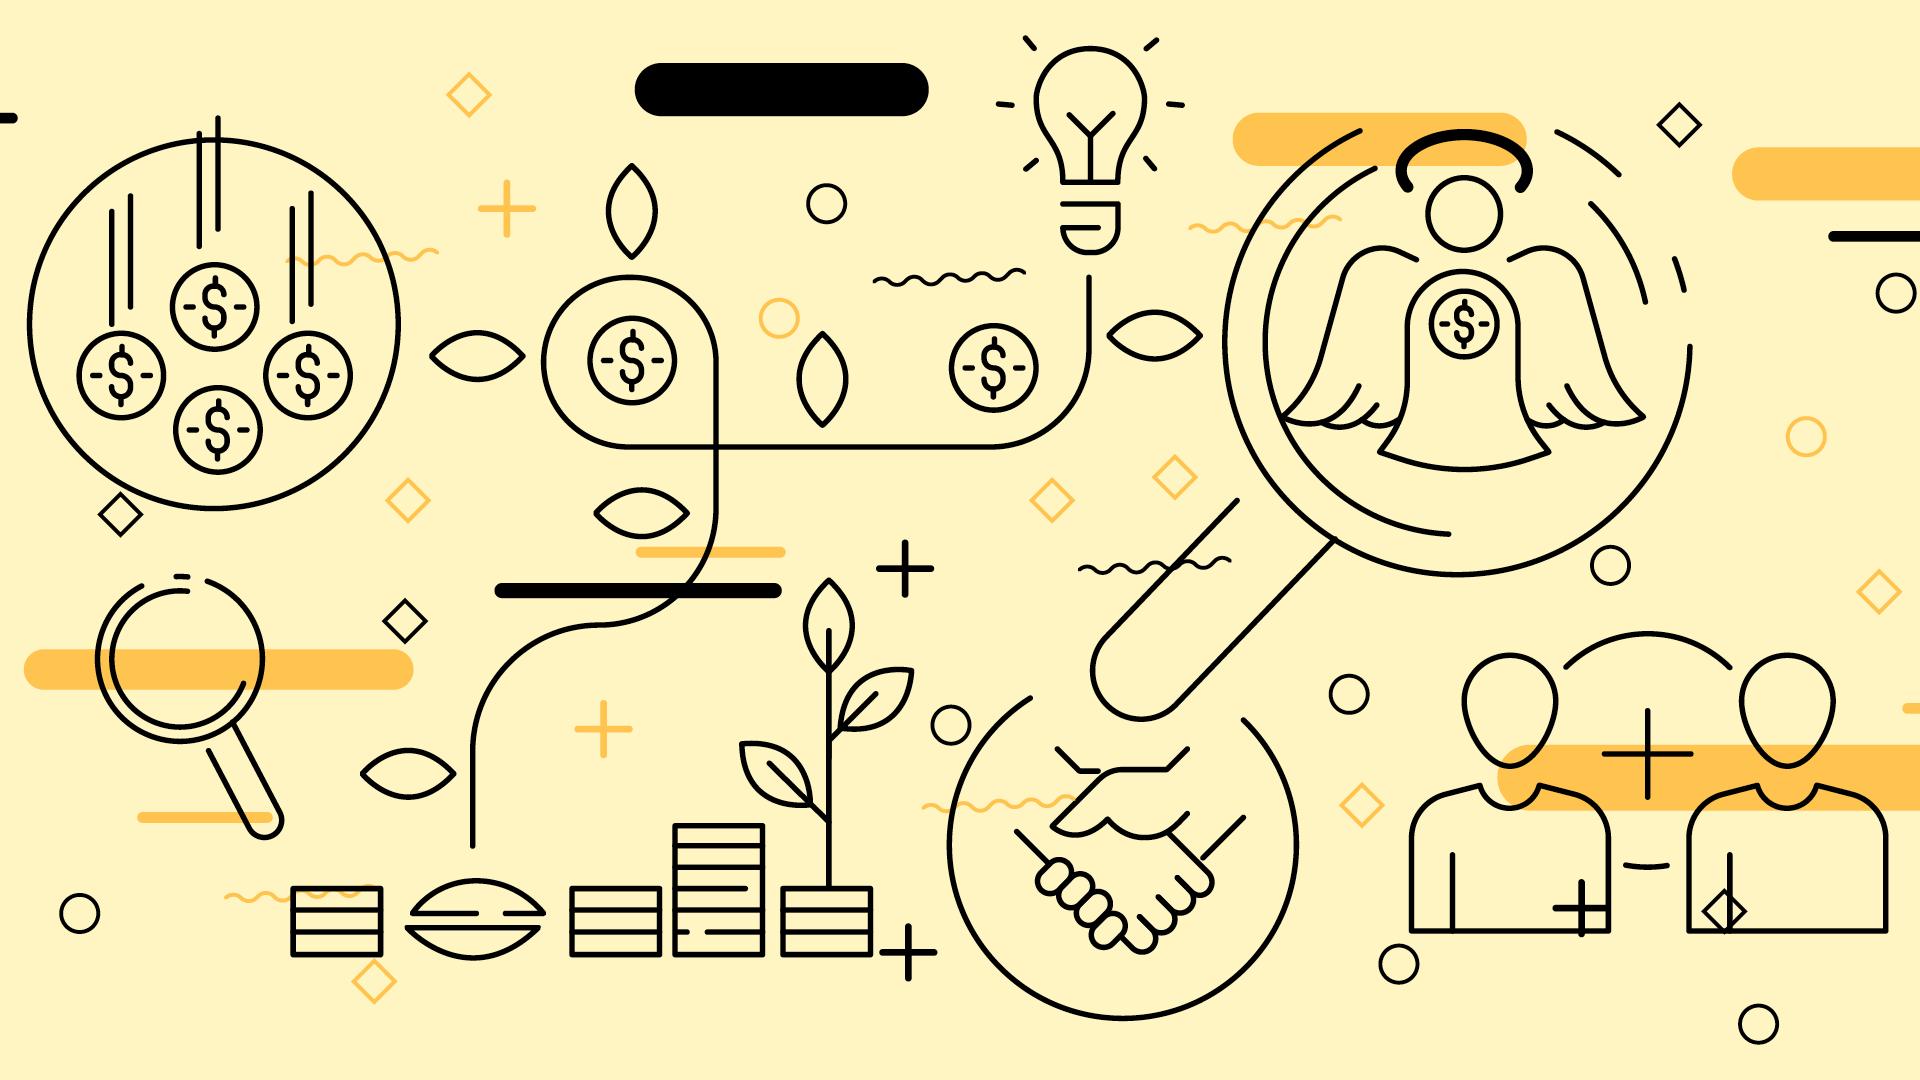 Capitalização  de startups